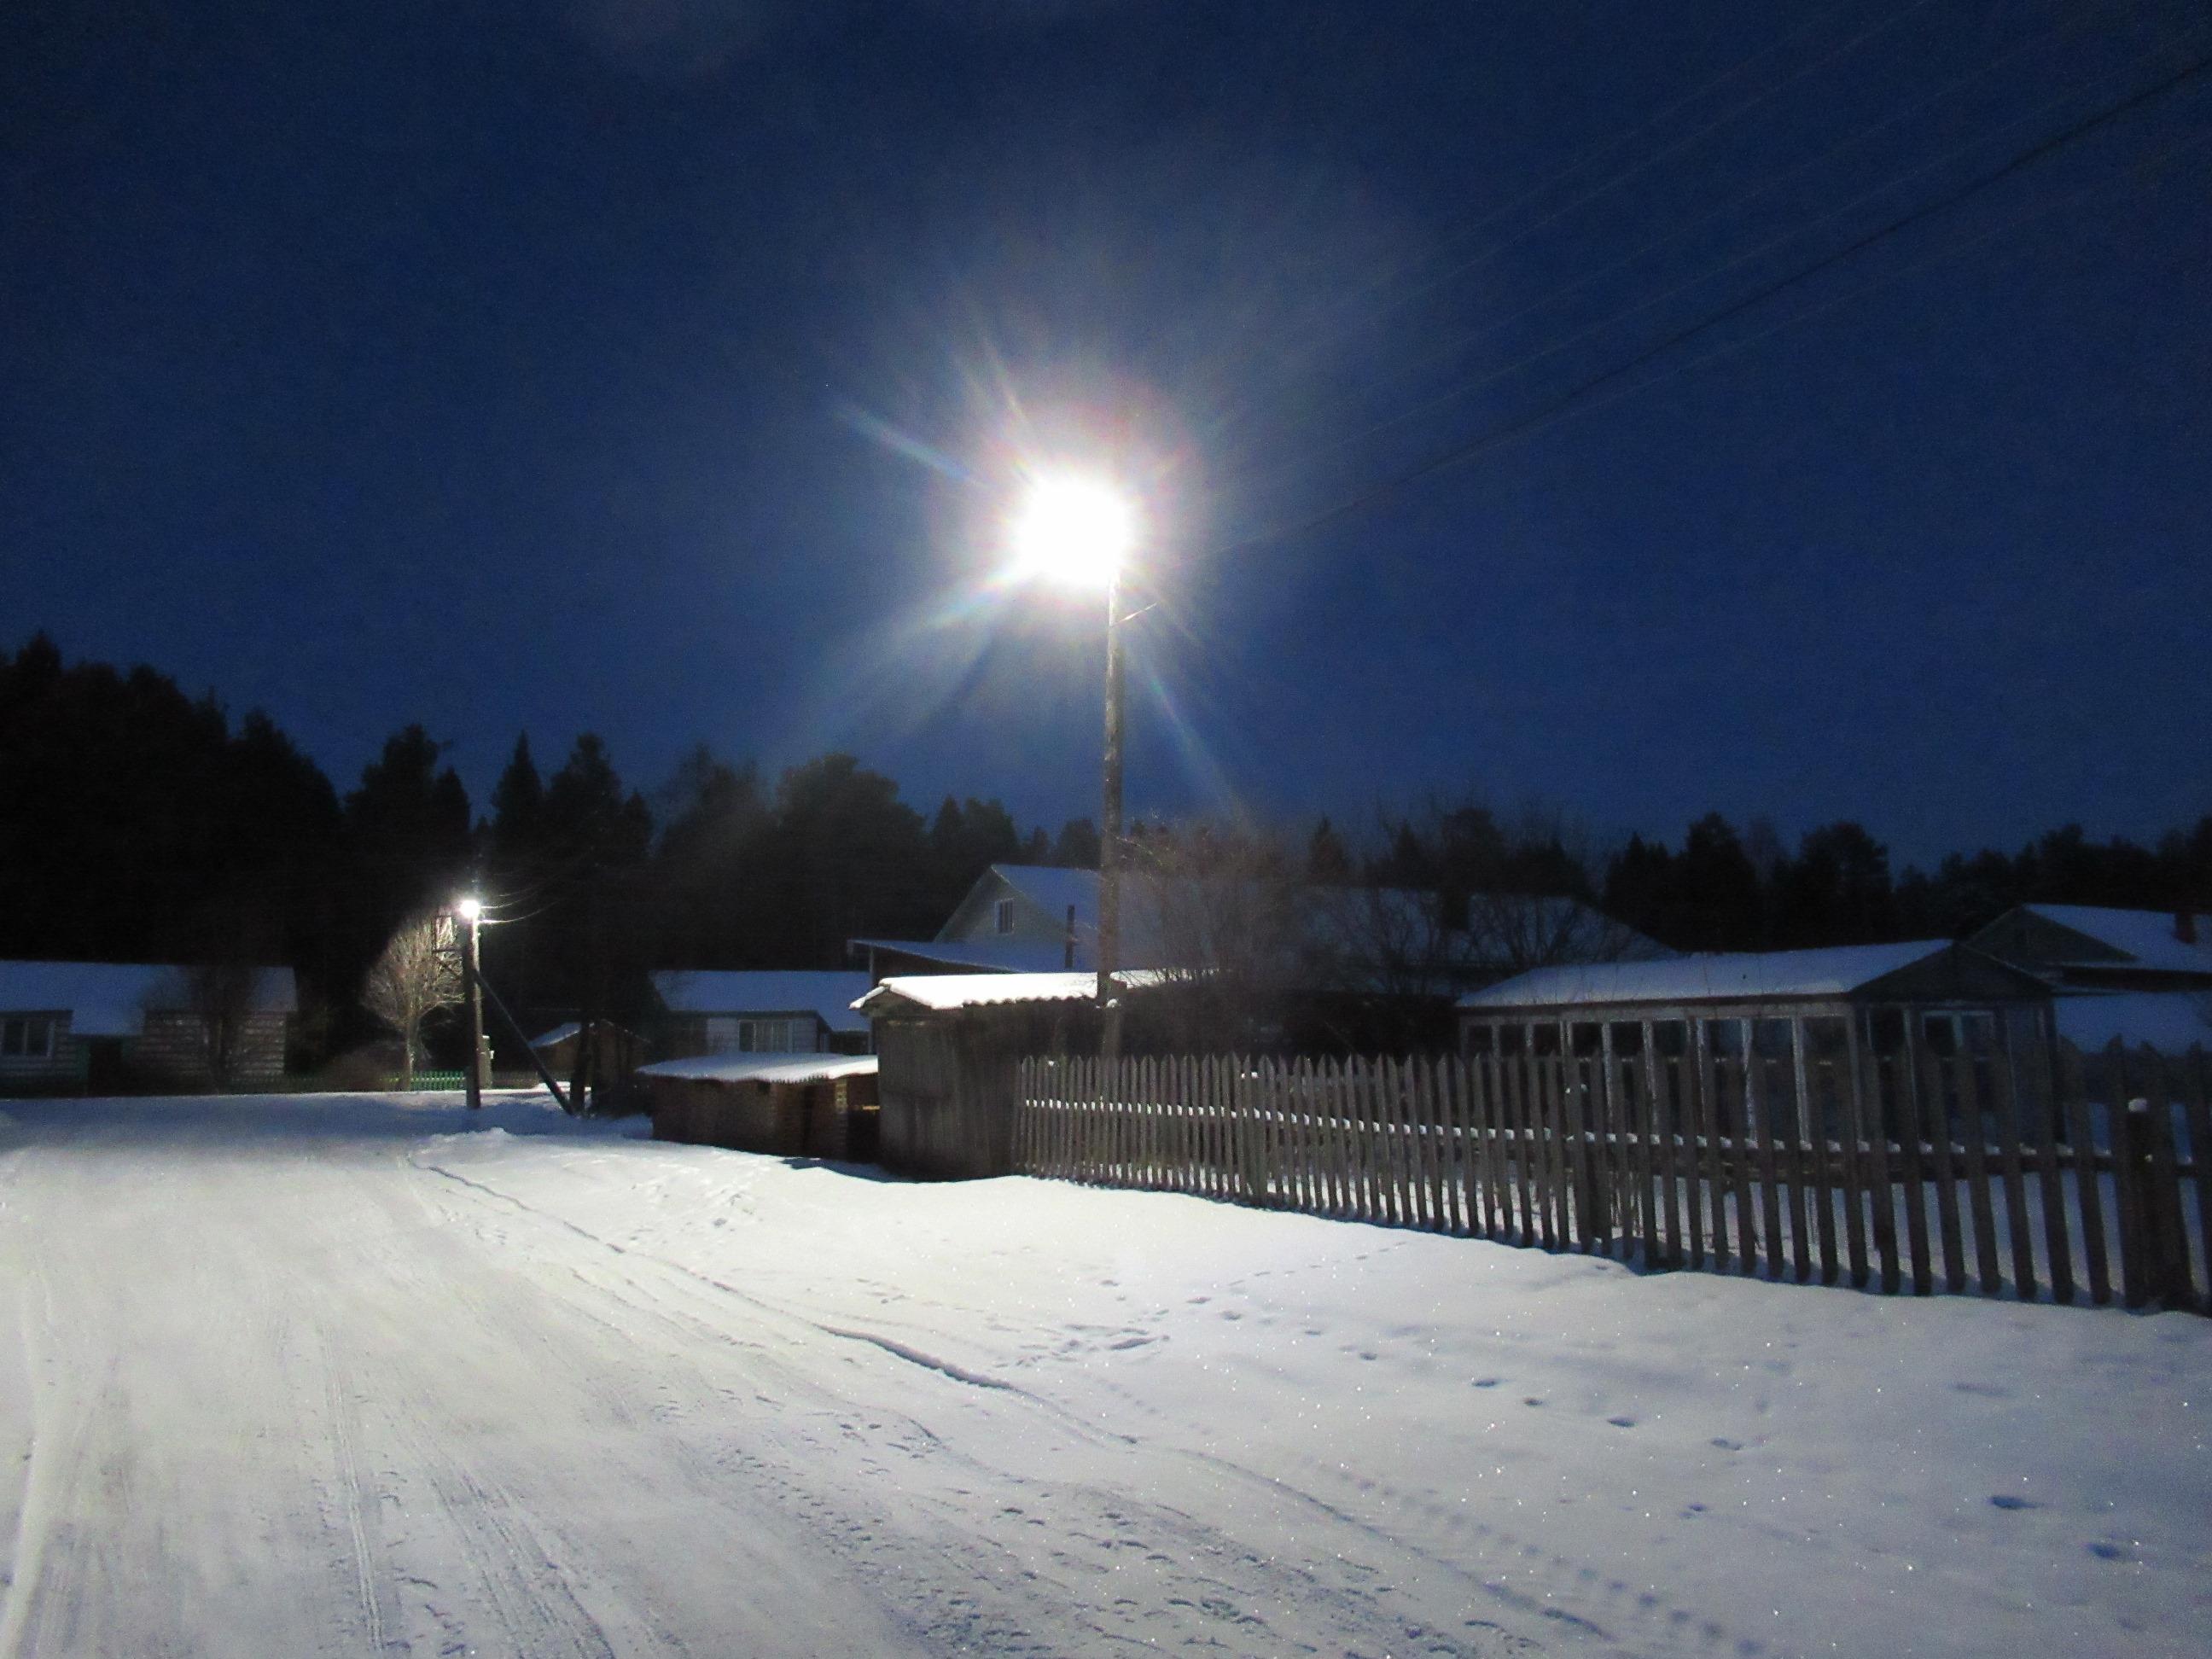 С начала 2021 года Кировэнерго принял на обслуживание более 1300 км сетей уличного освещения в 35 районах Кировской области